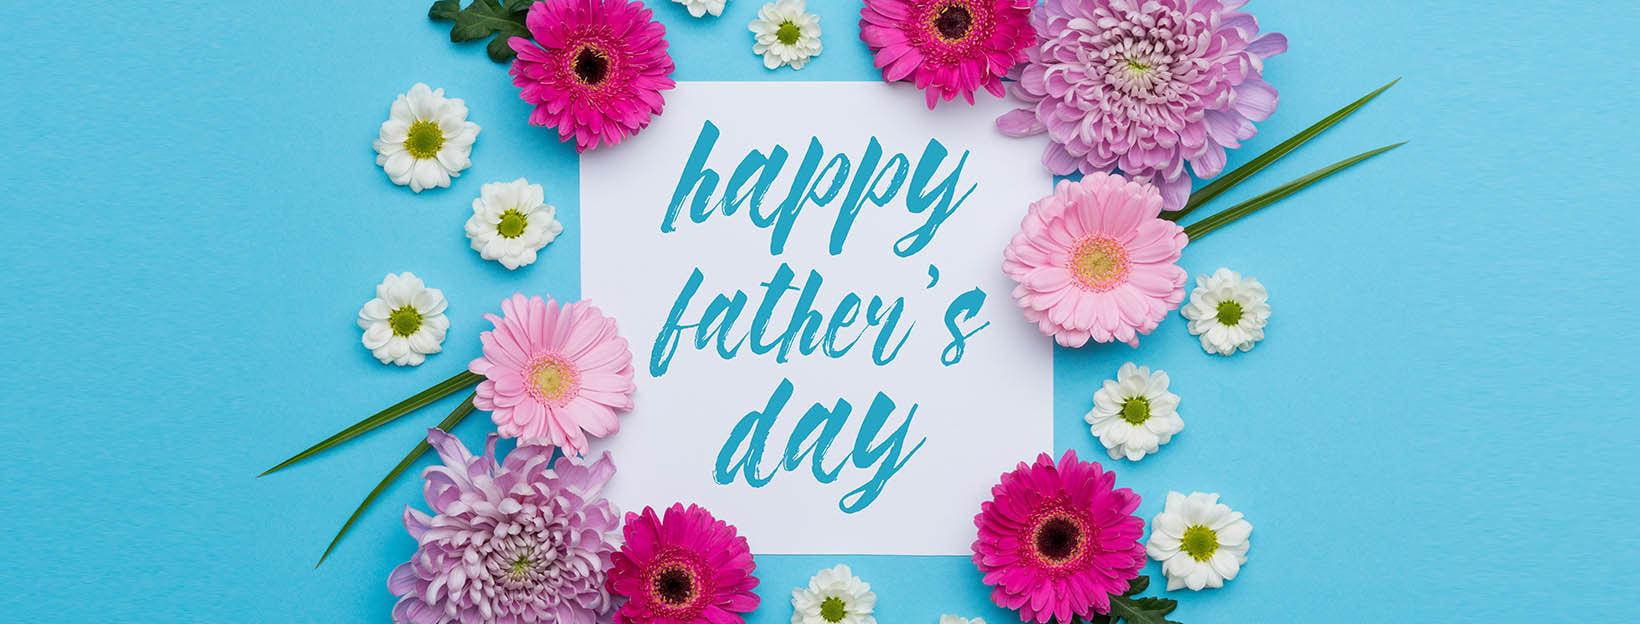 Vatertagsgrüße mit Blumen: Vorlagen für Karten zum Vatertag